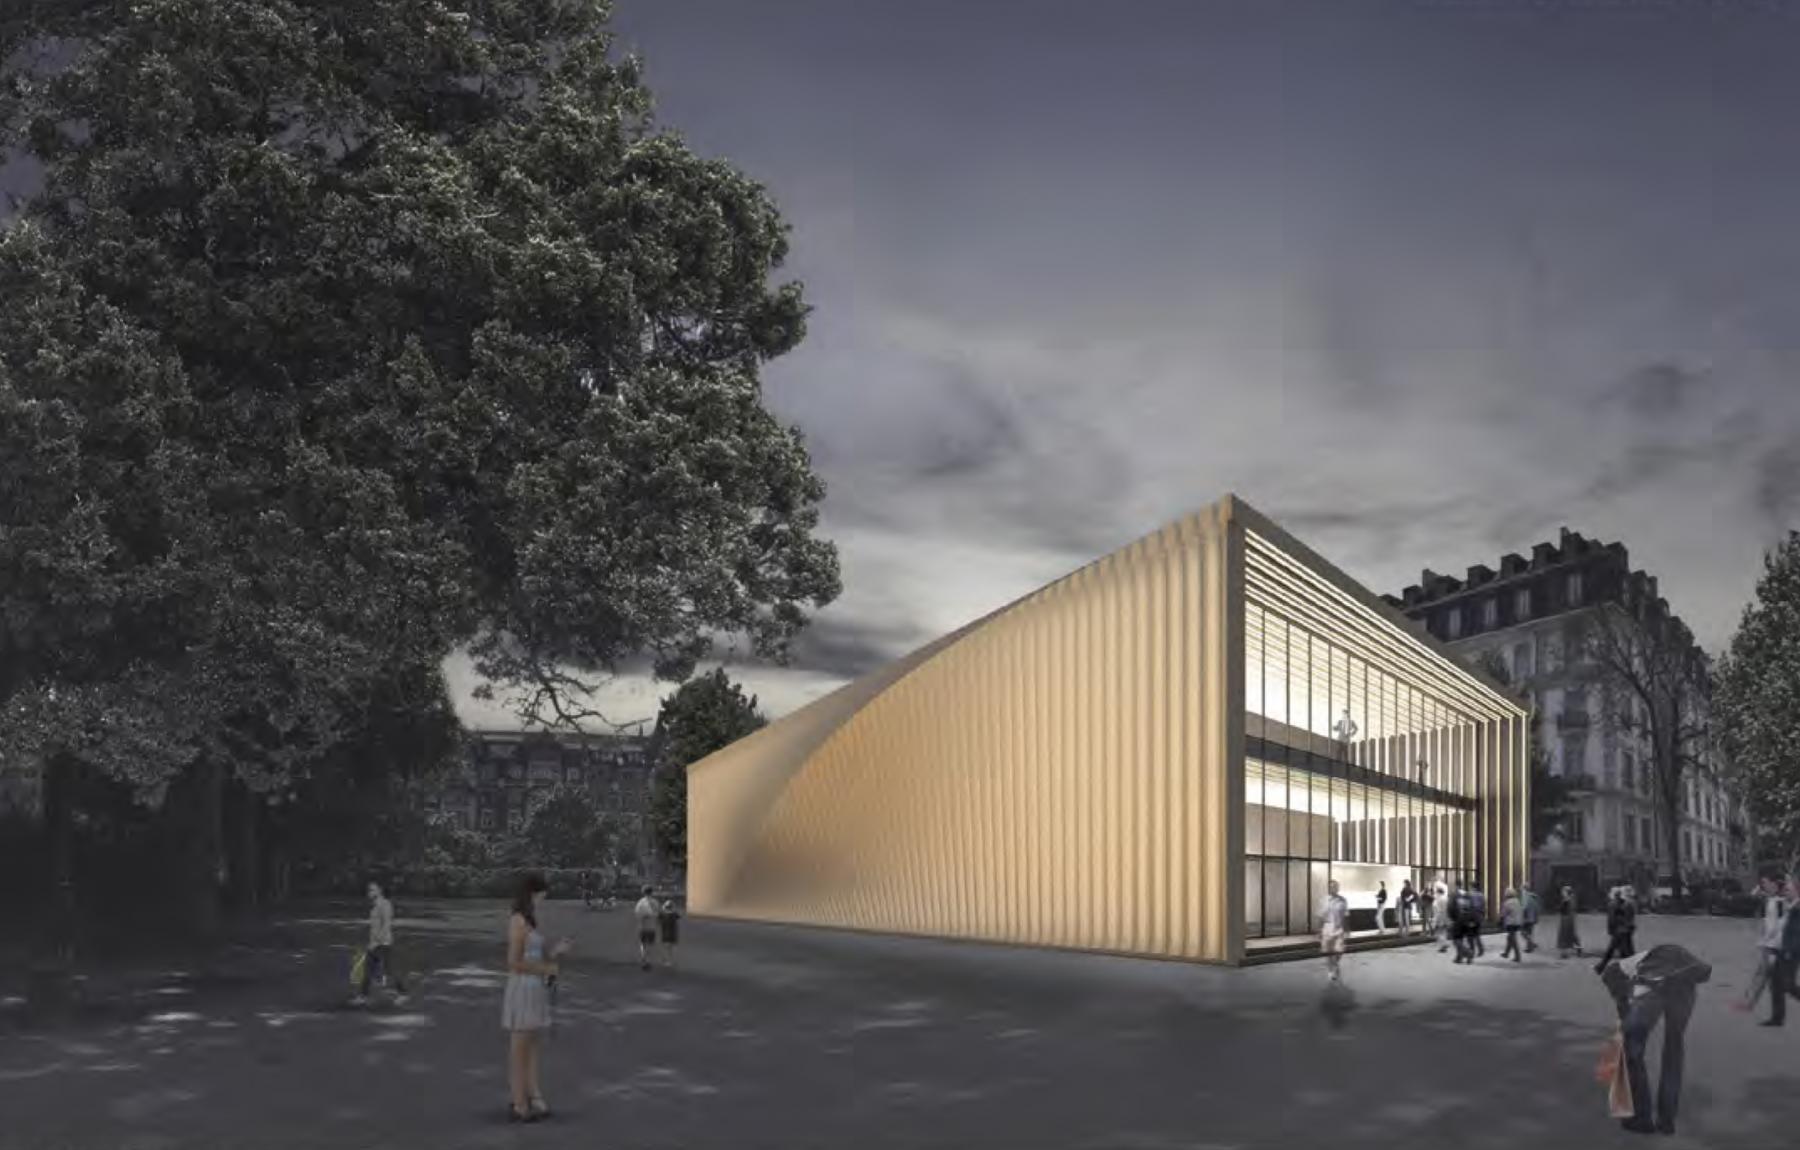 Pavillon de la danse, place Charles-Sturm, Genève, ON architecture, BOMBATWIST